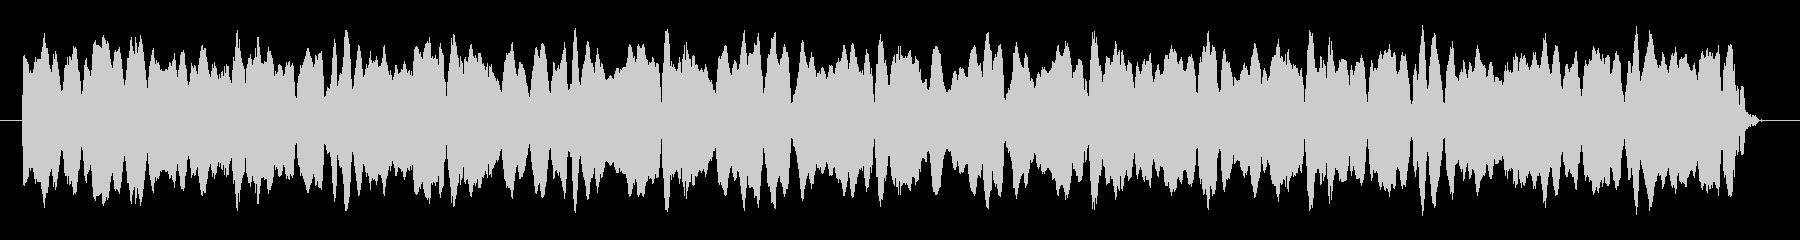 8bitパワーU-D-02-4_dryの未再生の波形